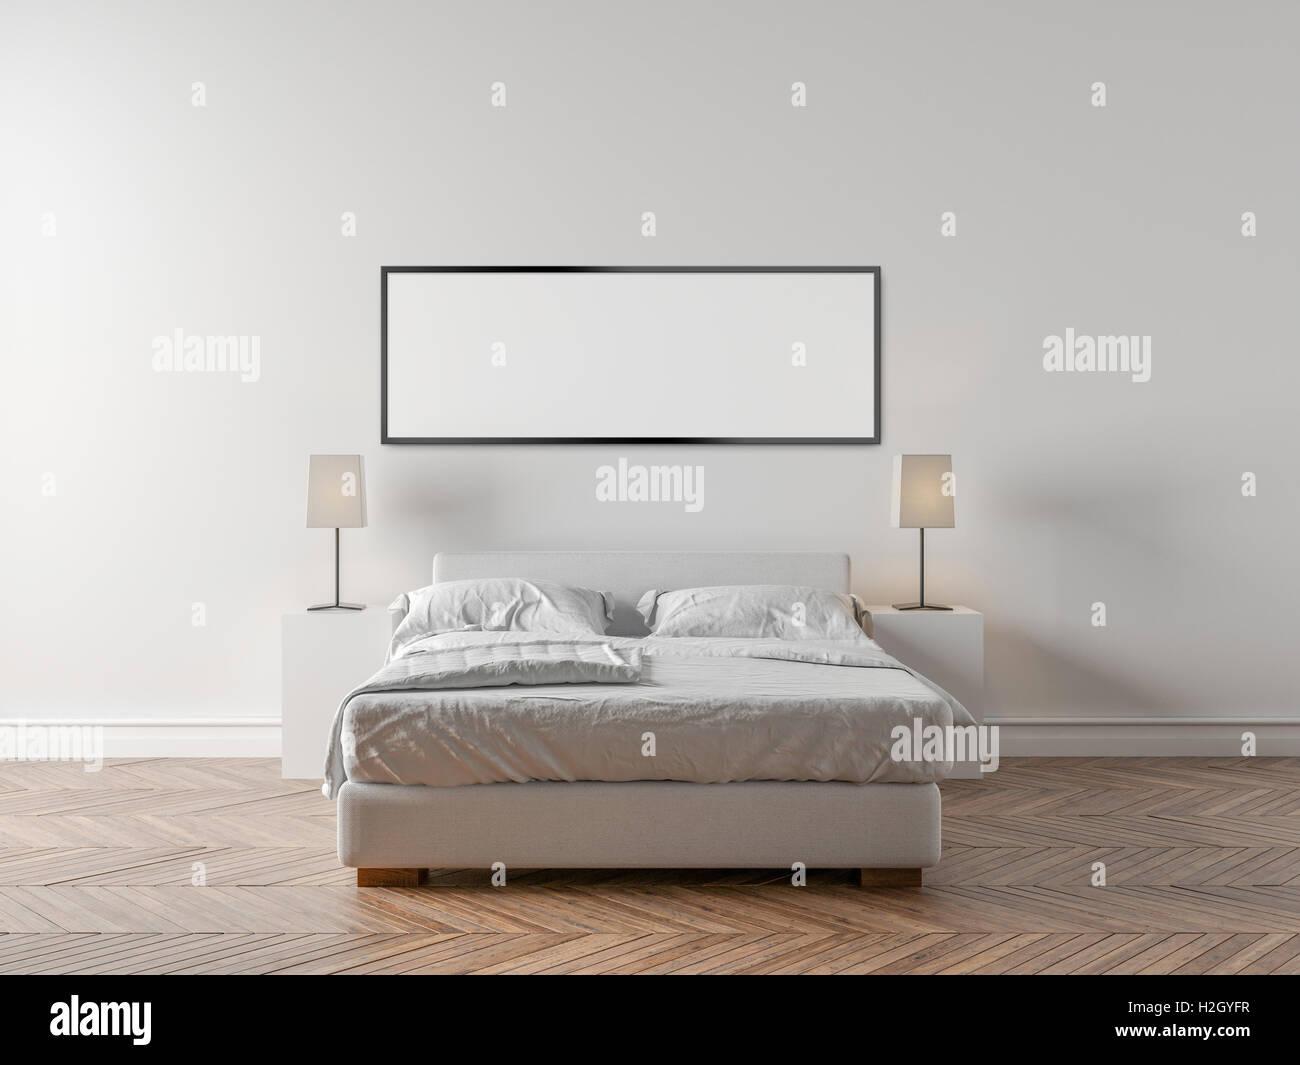 Letto Matrimoniale A Muro.Camera Da Letto Armadio E Un Letto Matrimoniale Grande Muro Bianco